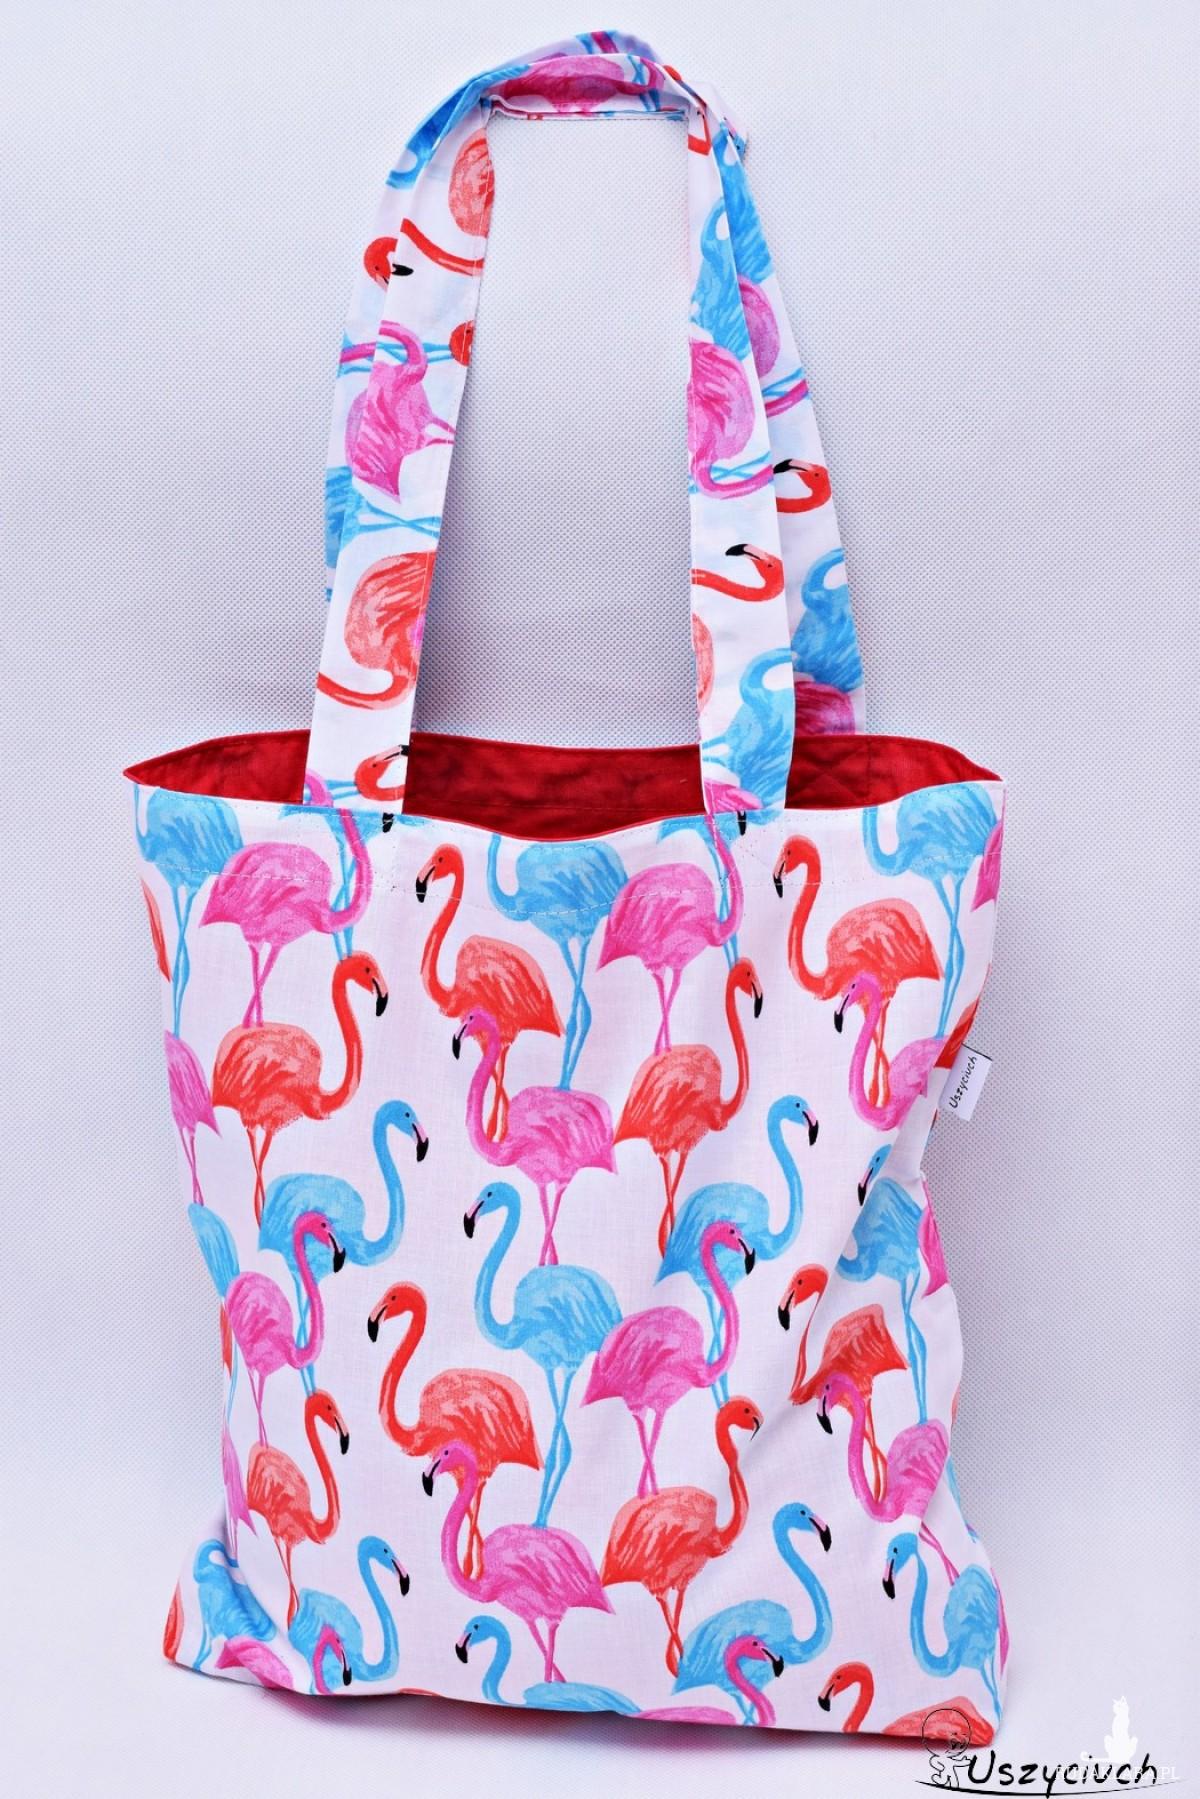 Torba na zakupy, torba shopperka, torba szoperka, eko siatka na zakupy flamingi z czerwonym